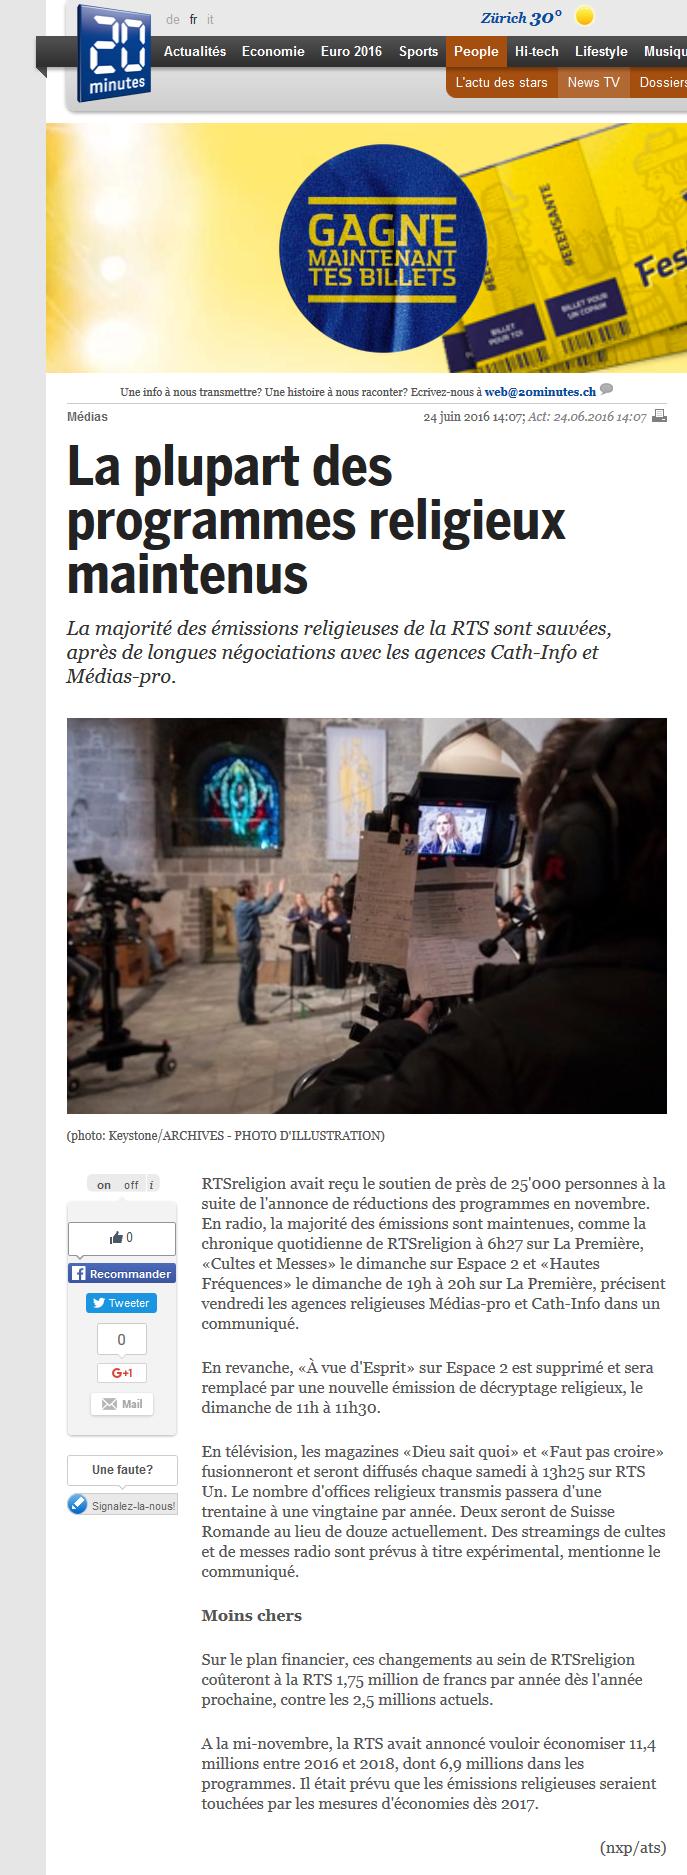 2016-06-24 La plupart des programmes religieux maintenus (20min)